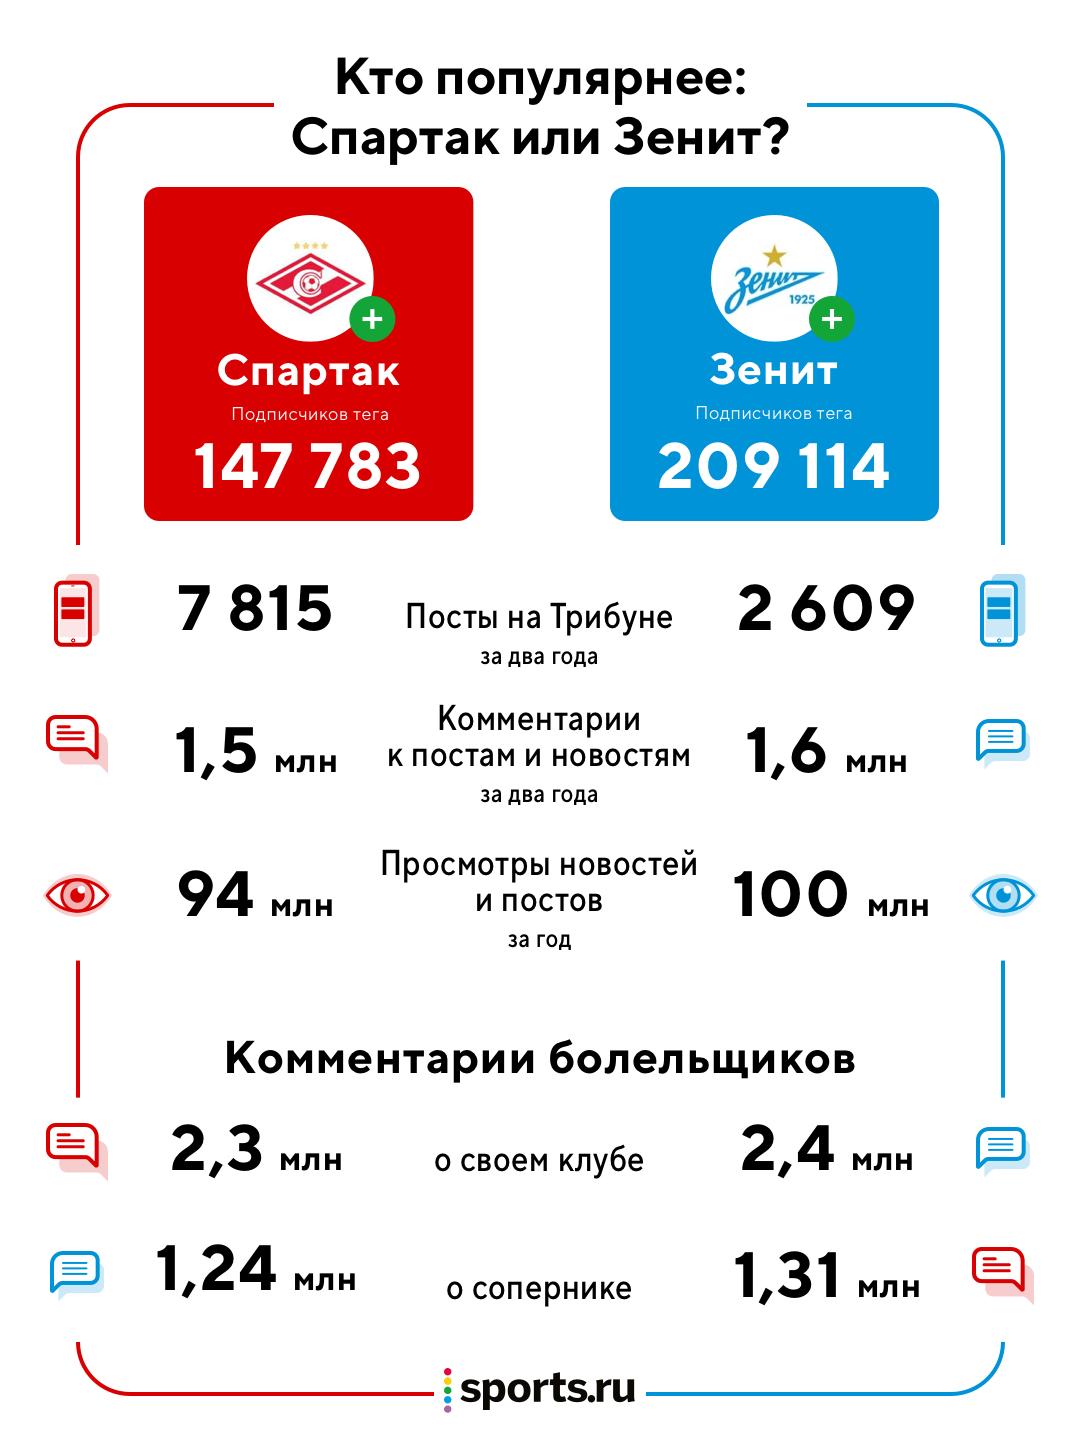 Кто же популярнее: «Спартак» или «Зенит»? Изучили статистику Sports.ru –и вот что выяснили